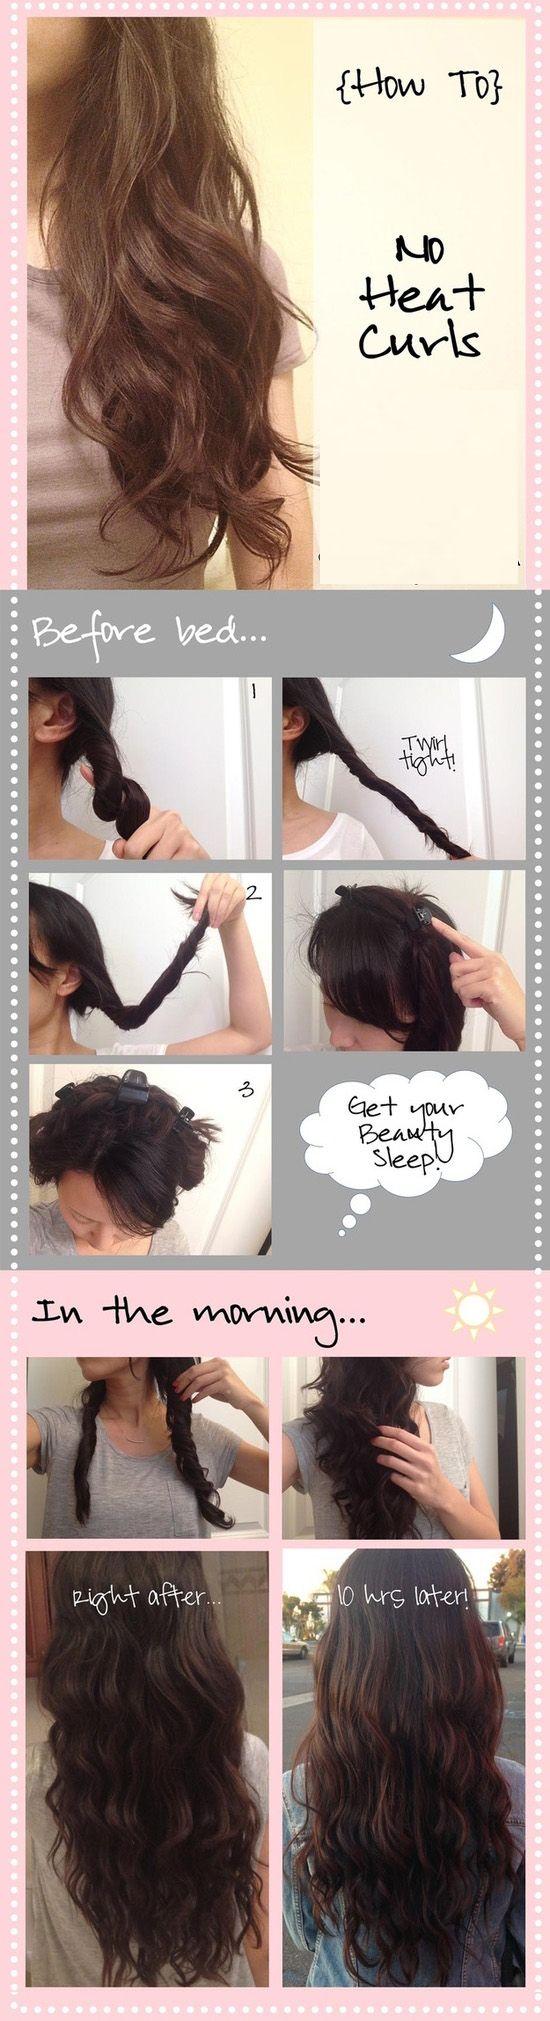 DIY No Heat Curls diy diy ideas easy diy diy beauty diy hair diy fashion beauty diy diy curls diy style diy hair style